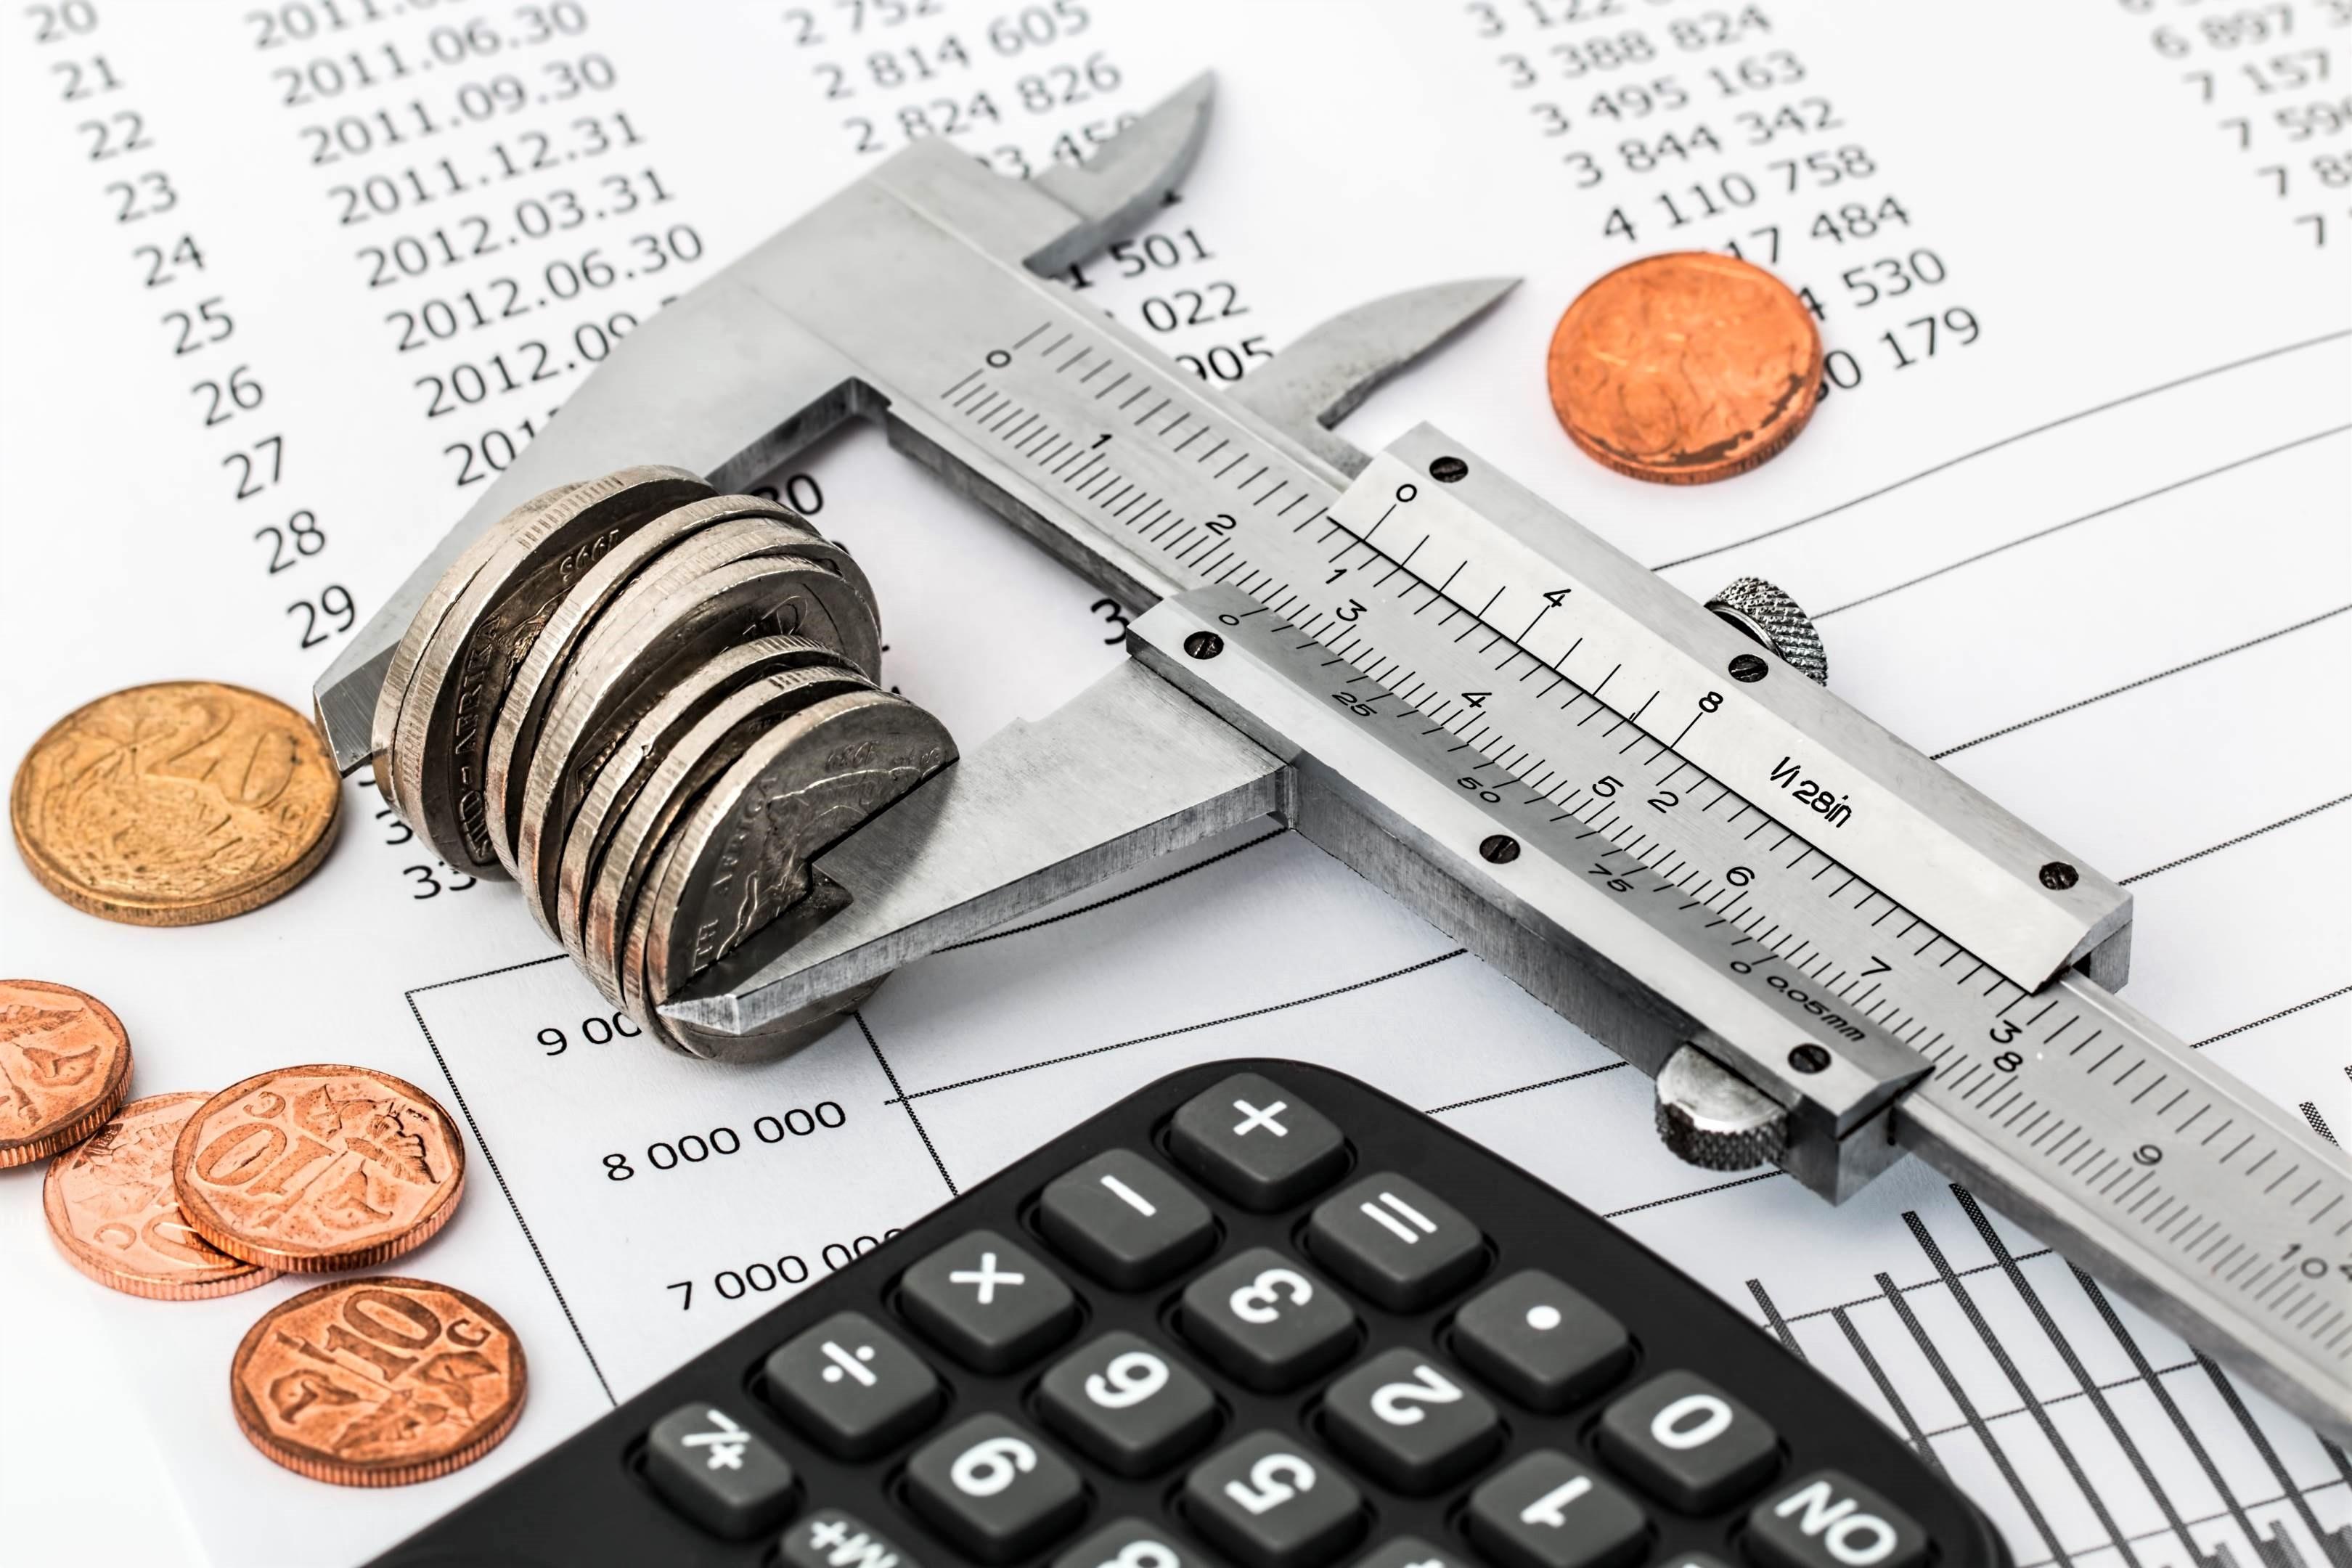 ΥΠΟΙΚ: Σήμερα στη Βουλή η τροπολογία για ρυθμίσεις οφειλών, δάνεια, ΓΕΦΥΡΑ ΙΙ, πληττόμενων από κορονοϊό